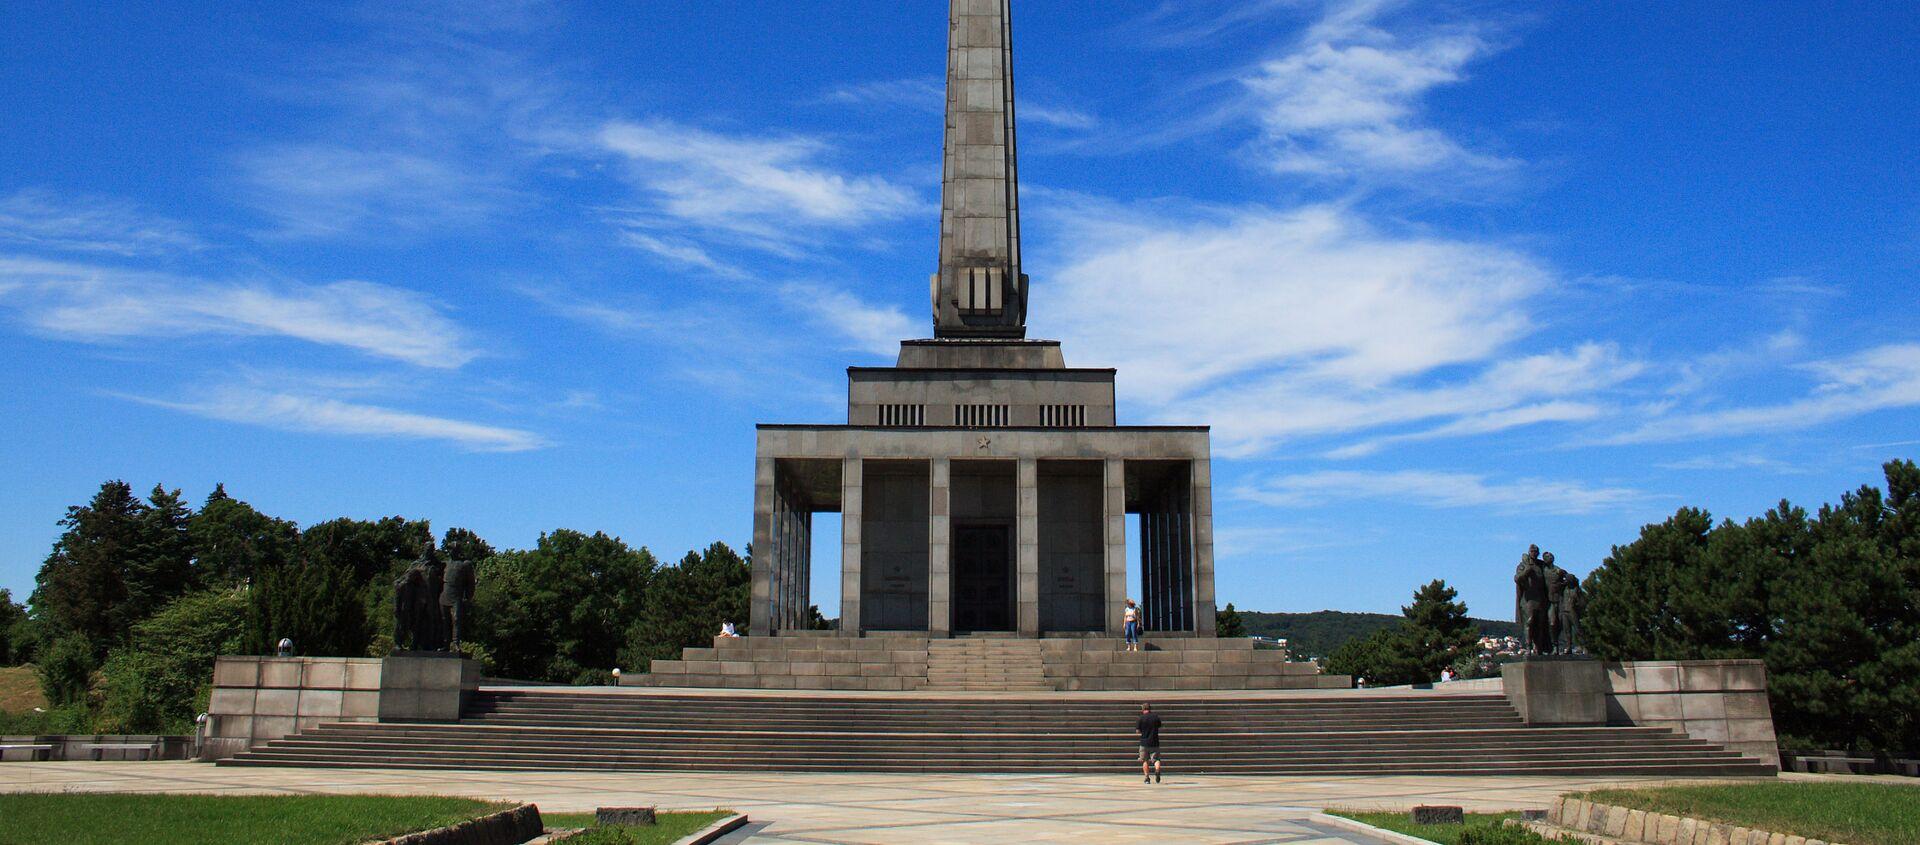 Pamětní komplex Slavin v Bratislavě, Slovensko - Sputnik Česká republika, 1920, 04.04.2021